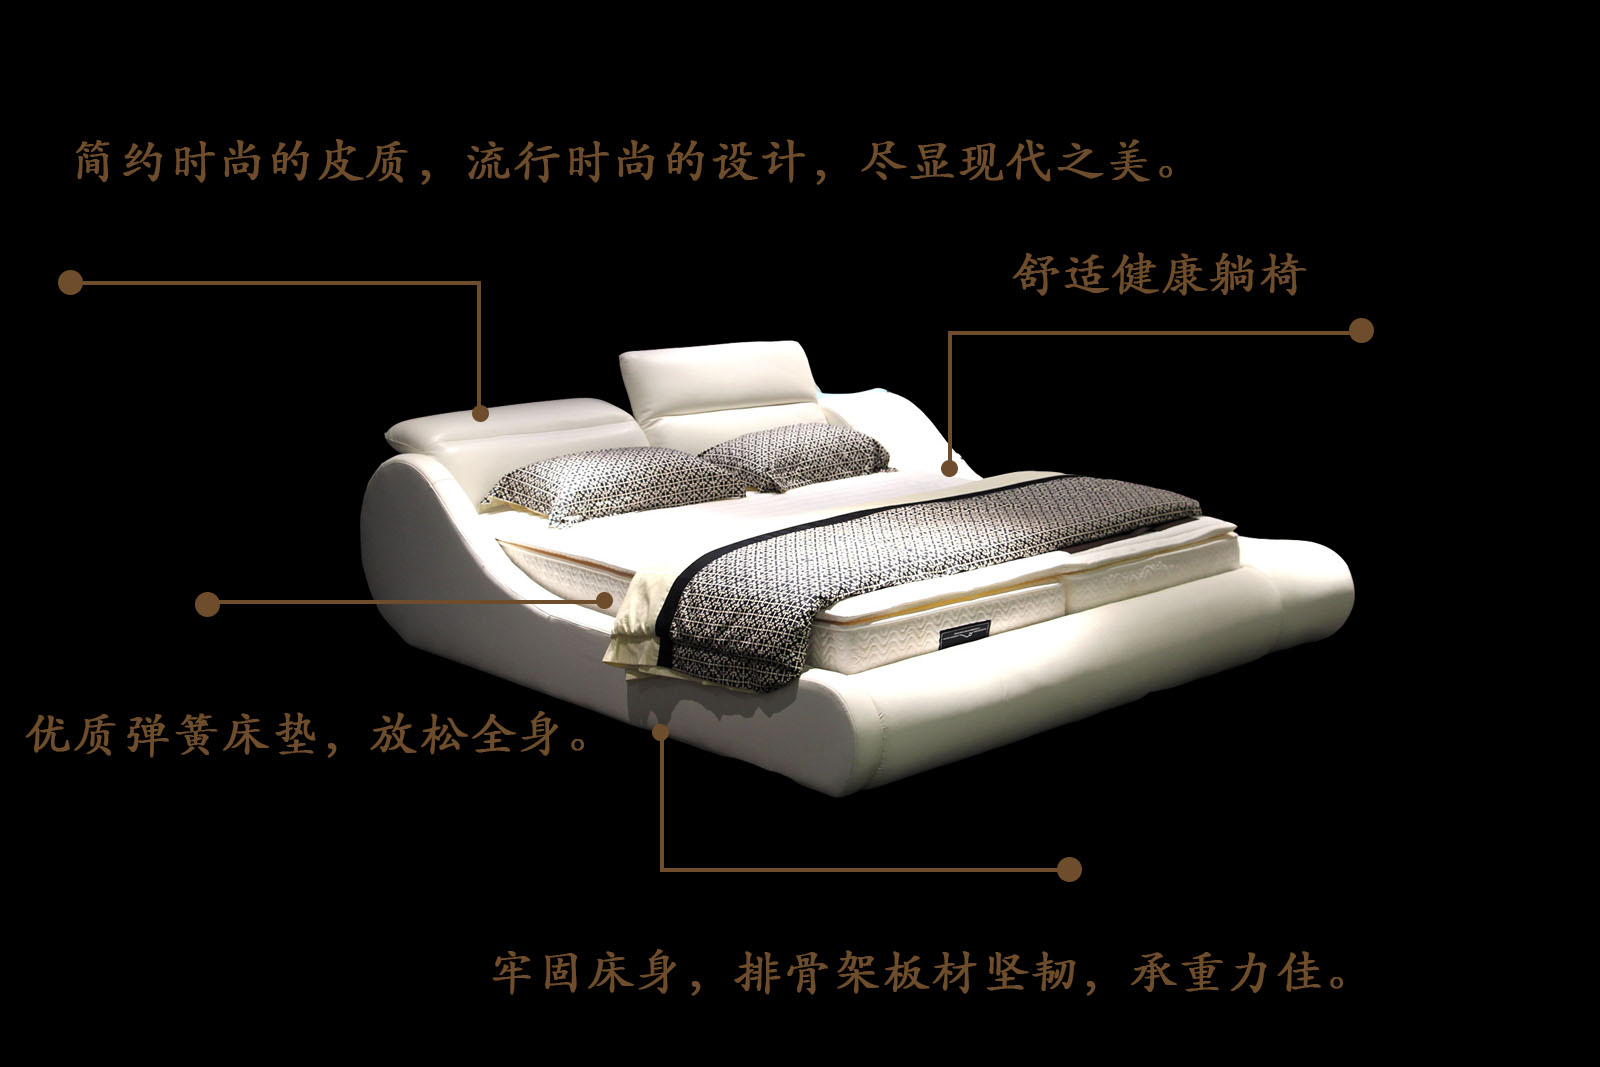 顾家家居现代美简牛皮大床让你享受优舒适睡眠